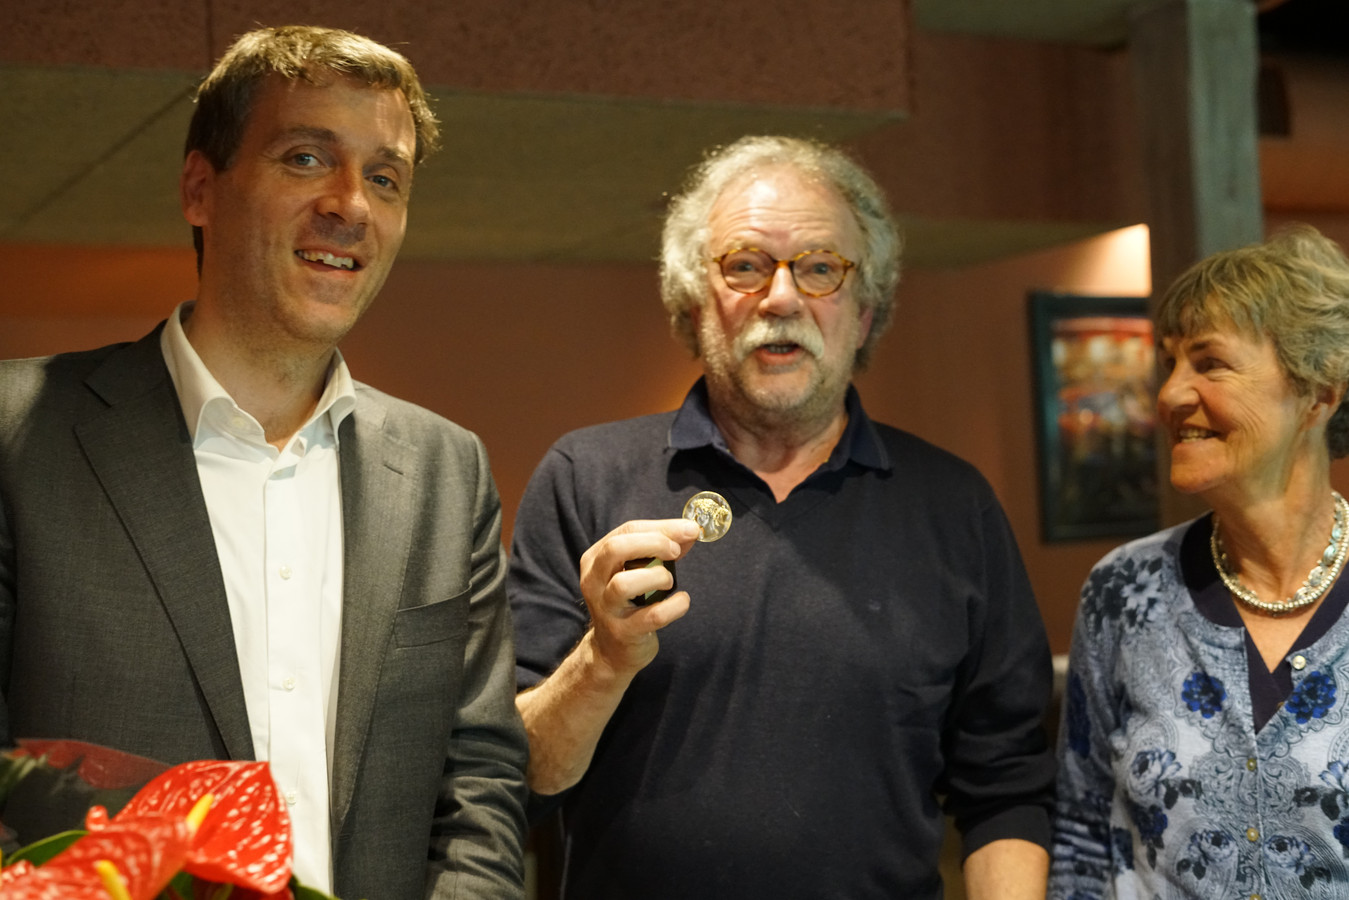 Marcel Bugter is verguld met de Médaille Paul Belmondo. Hij wordt geflankeerd door Fabian Pois (links) en Flory Poels van het landelijk bestuur Alliance Française des Pays-Bas.